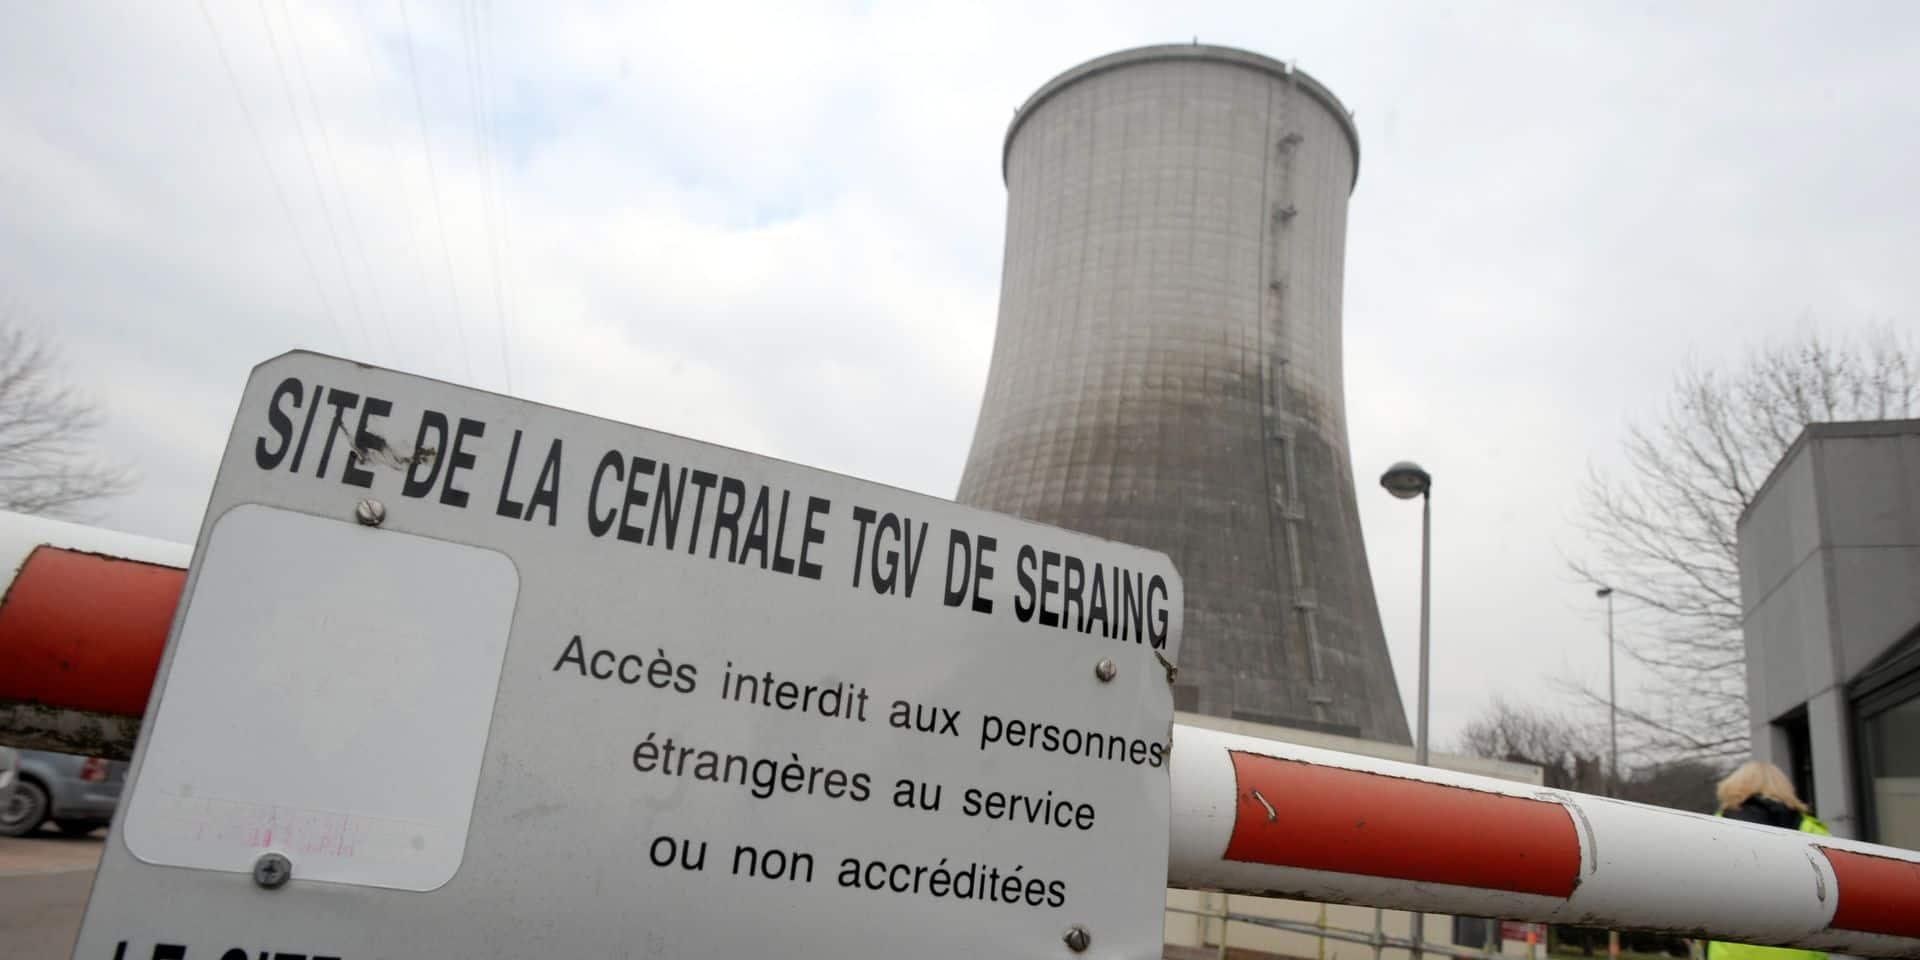 Seraing : Des huissiers envoyés à la centrale TGV